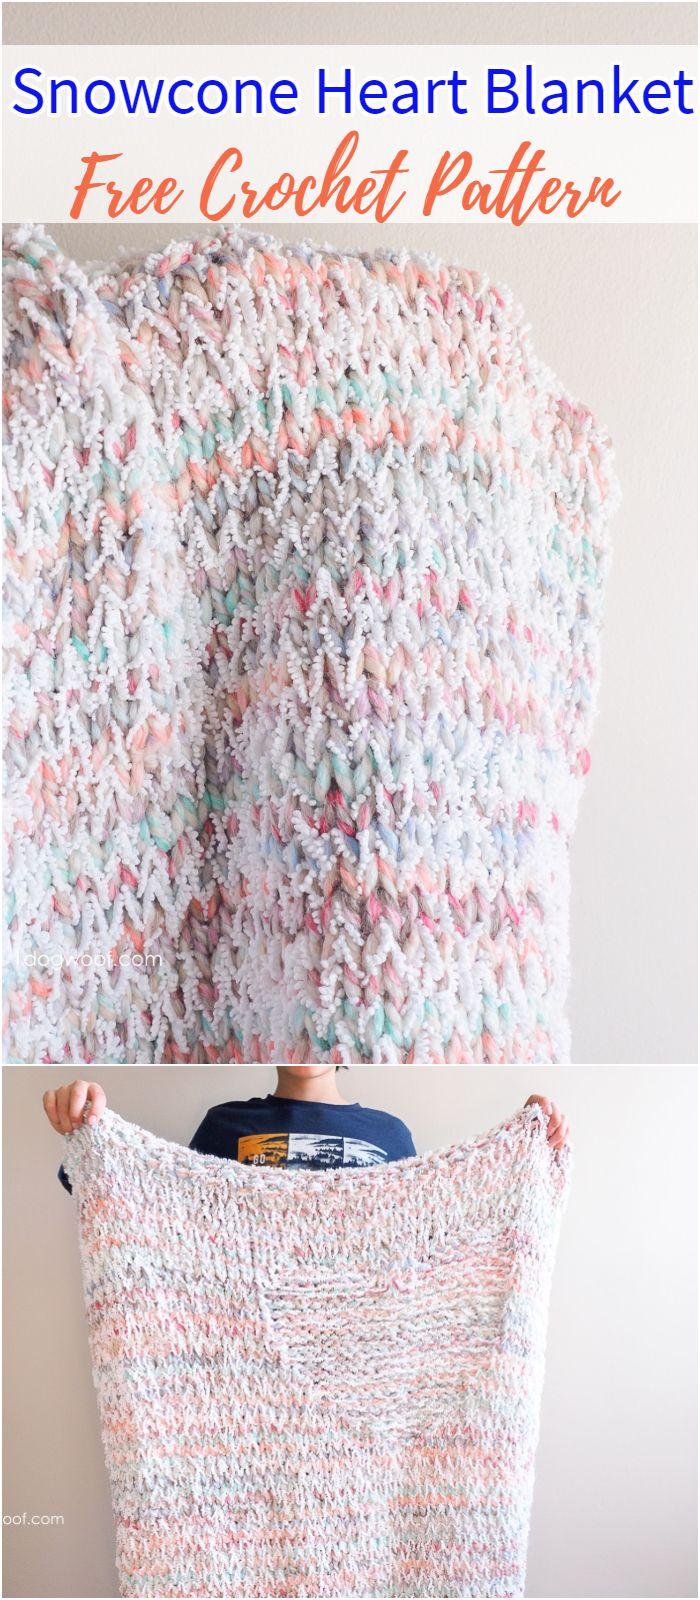 Snowcone Heart Blanket Free Crochet Pattern